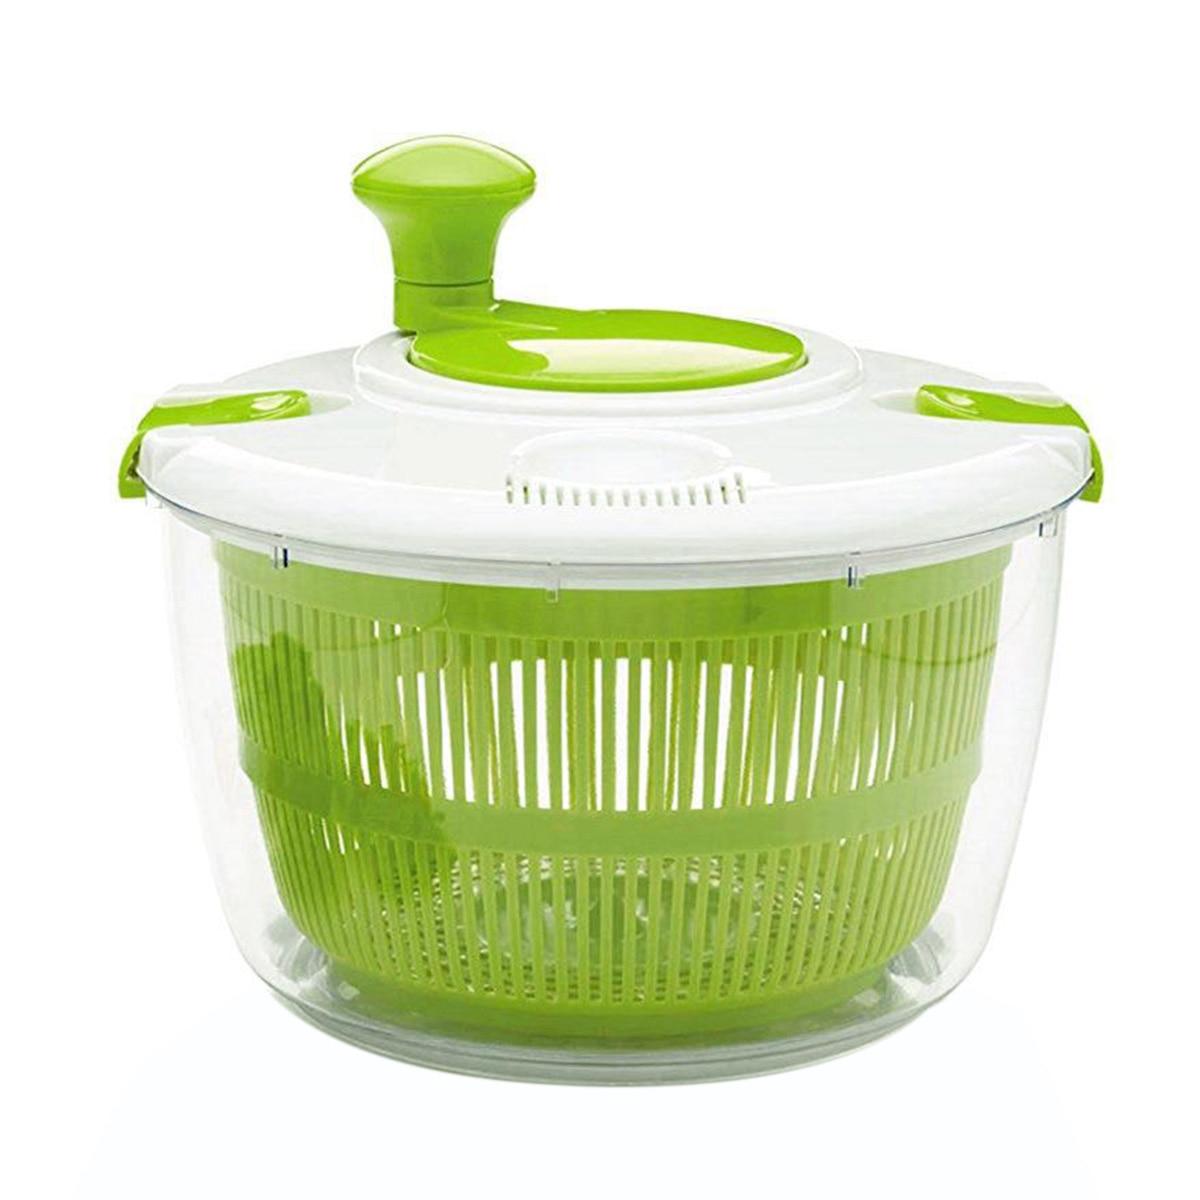 Girador de salada secador gadget cozinha acessórios legumes frutas secador de grande capacidade manual enxaguamento secagem escorredor lavagem cesta